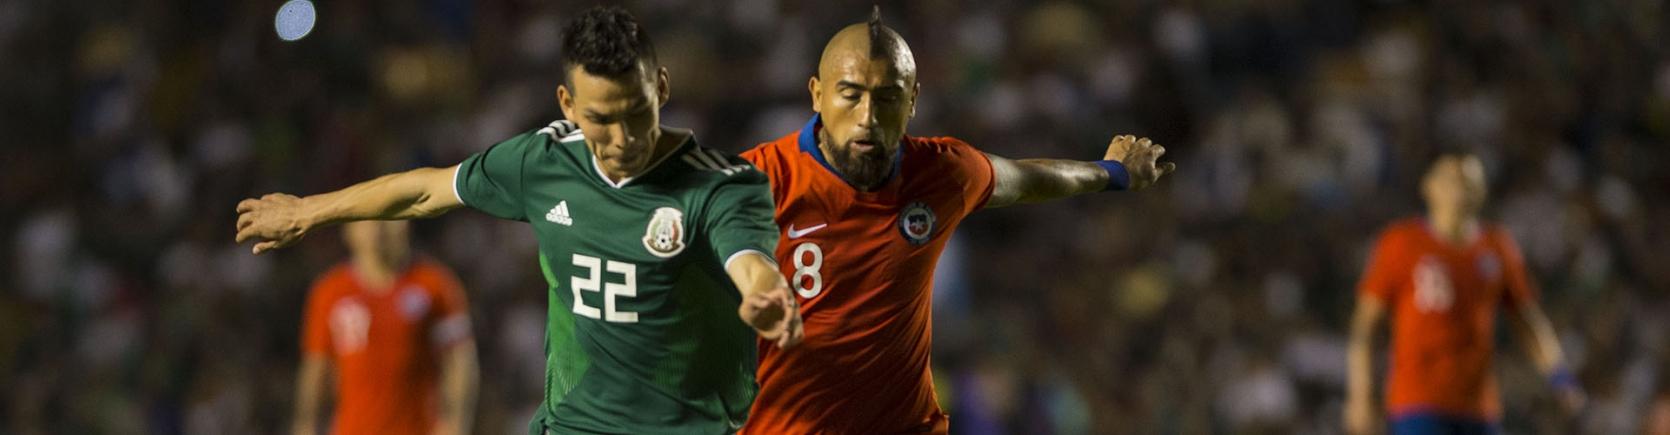 Convocatoria de la Selección Nacional de Chile para el partido ante México 037d76c9e3965